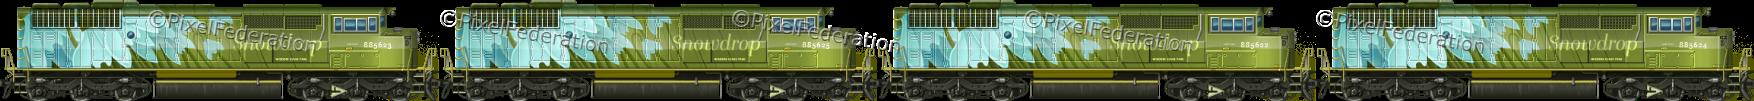 Class 7400 Snowdrop Q